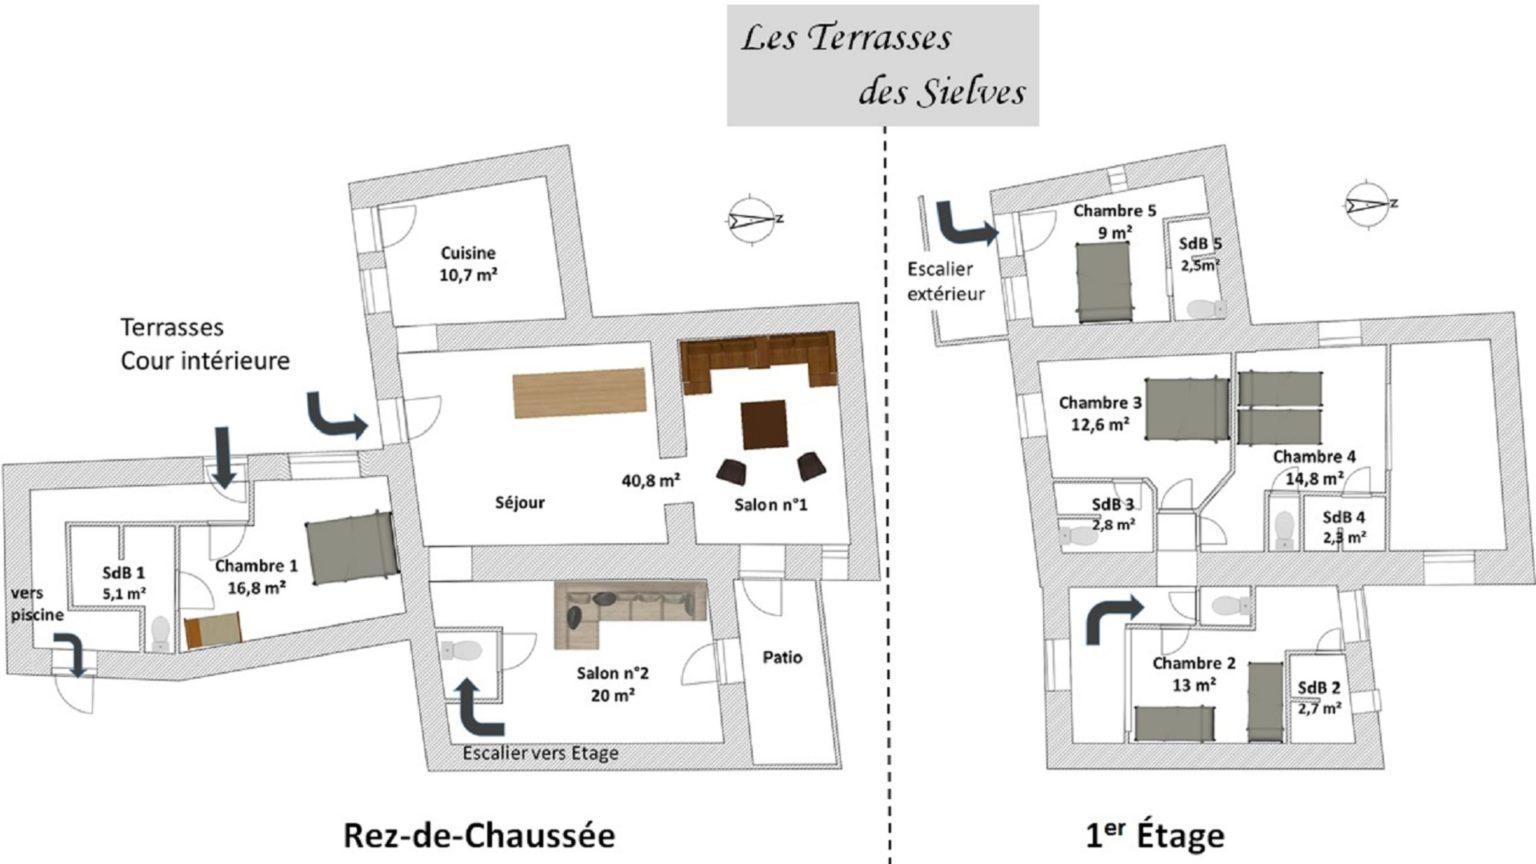 Les Terrasses des Sielves - Plan der Räumlichkeiten